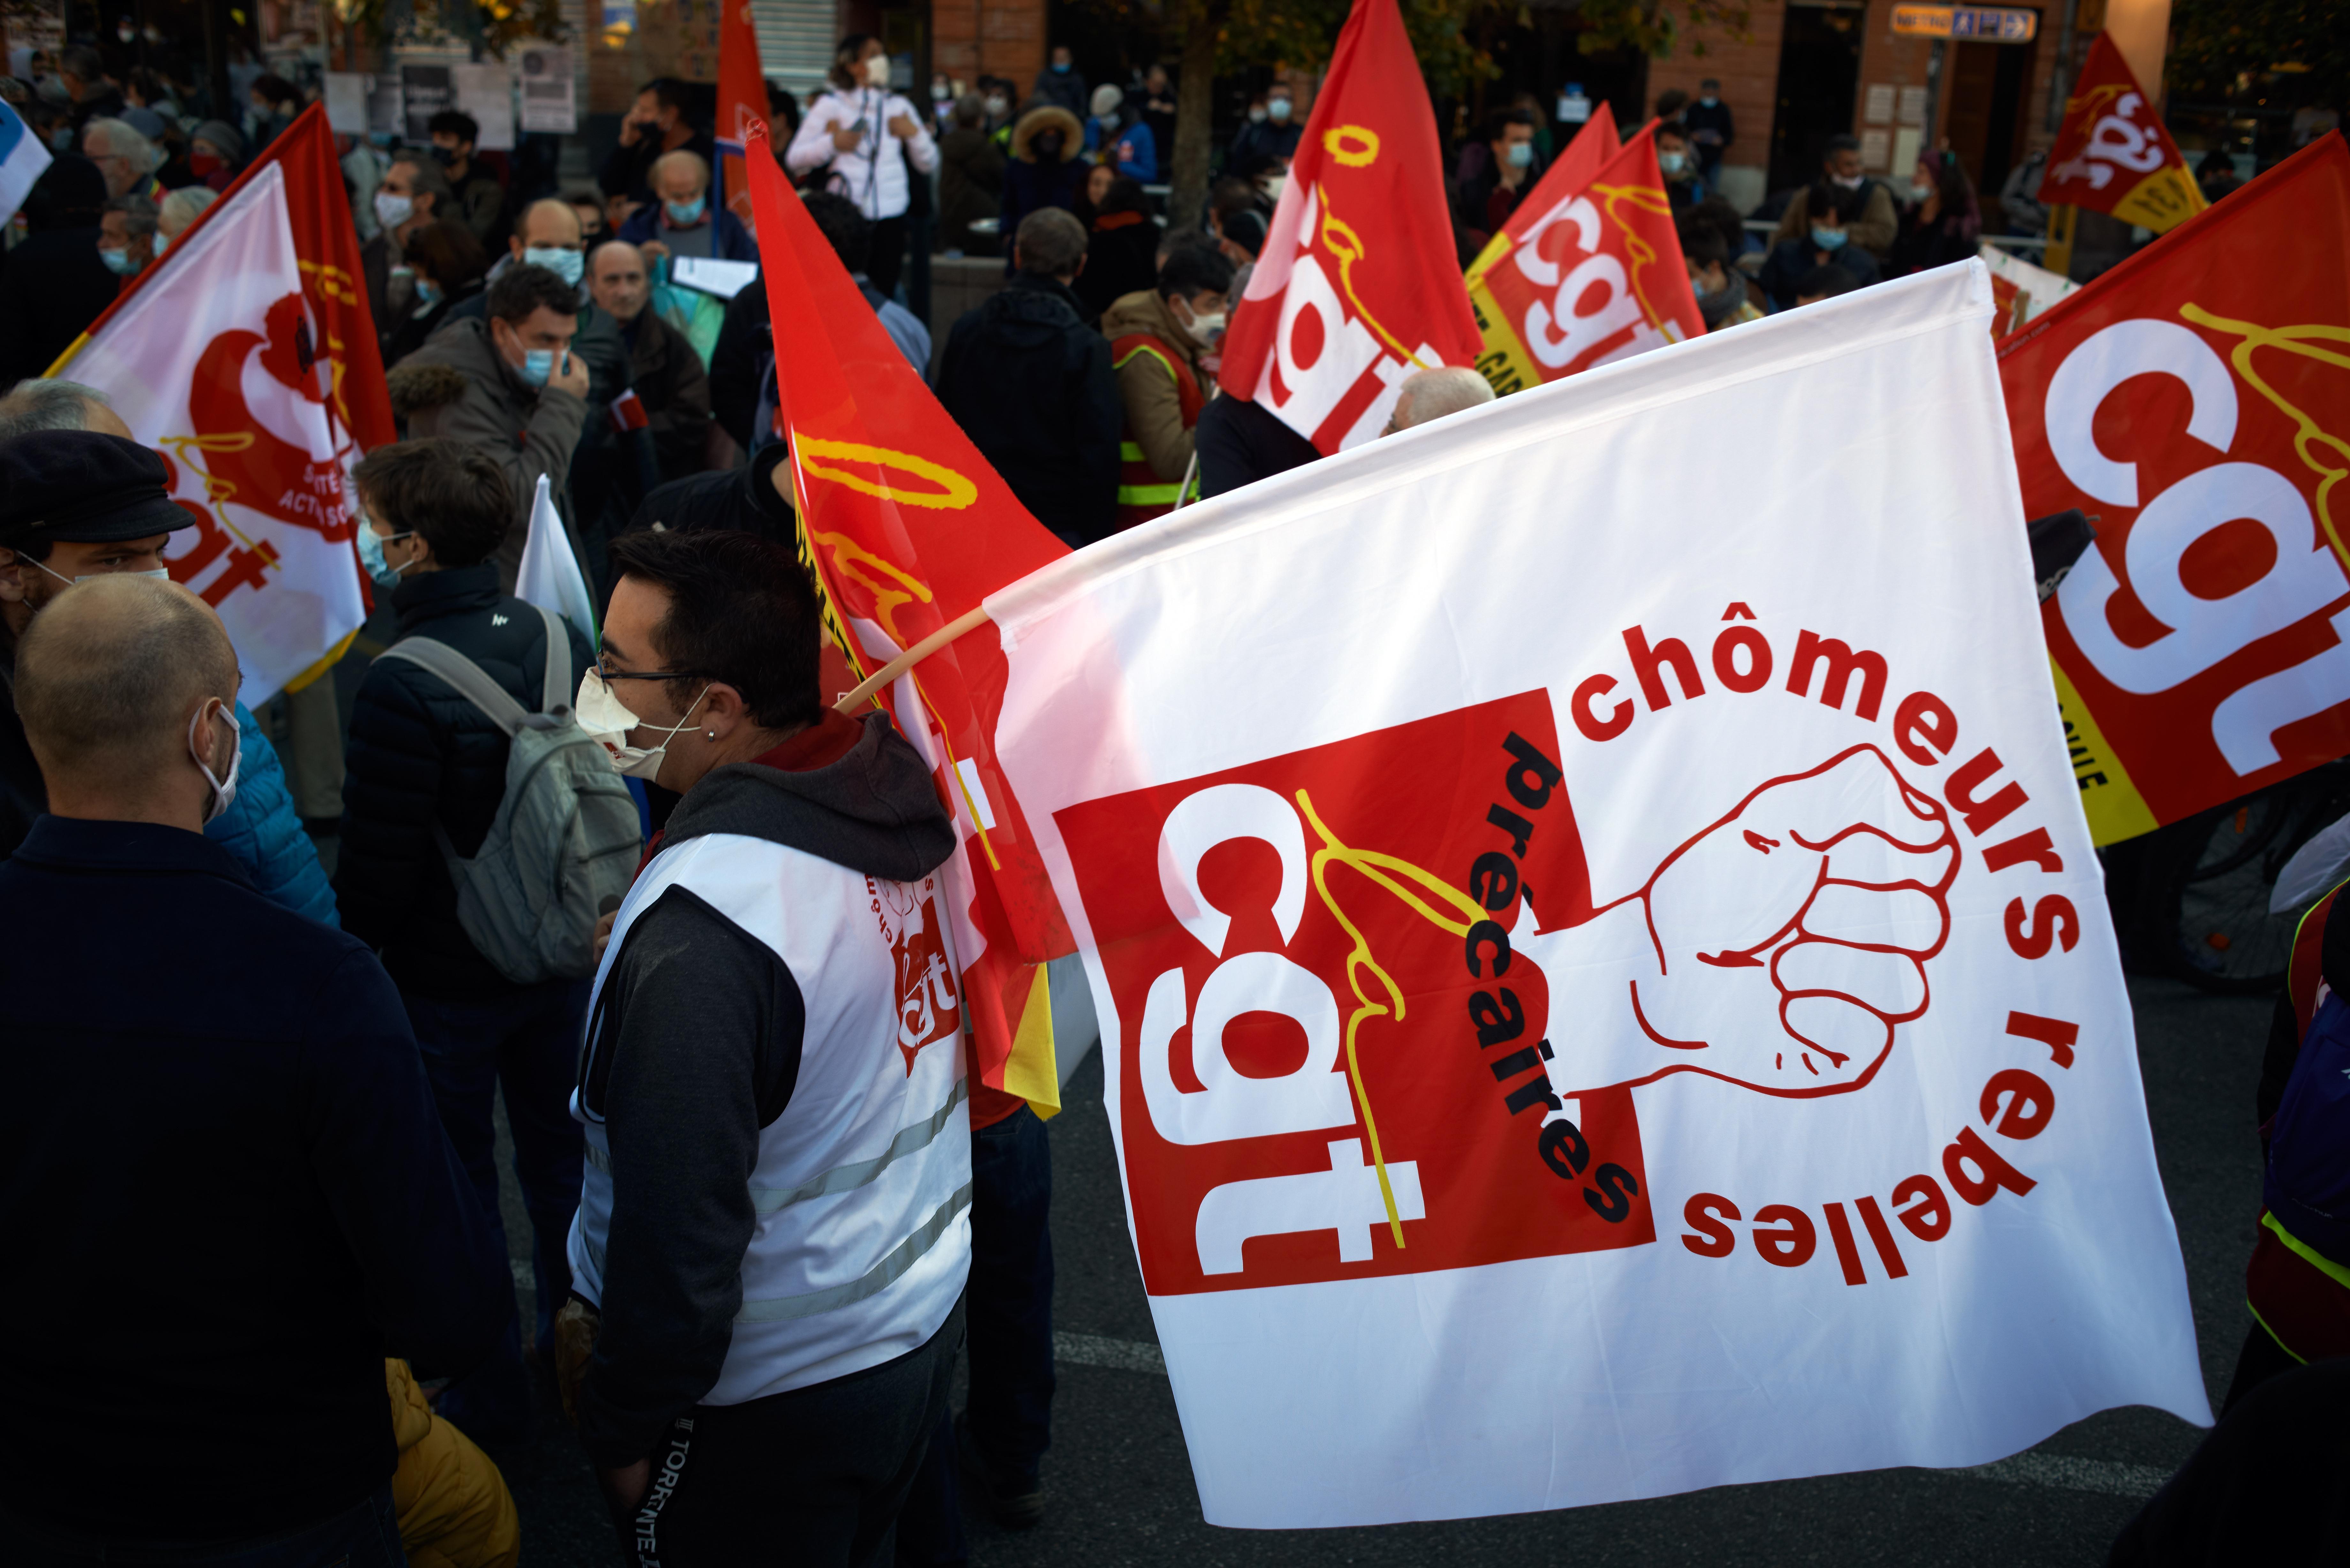 Le 5 décembre 2020 pour l'emploi, les droits sociaux et les libertés